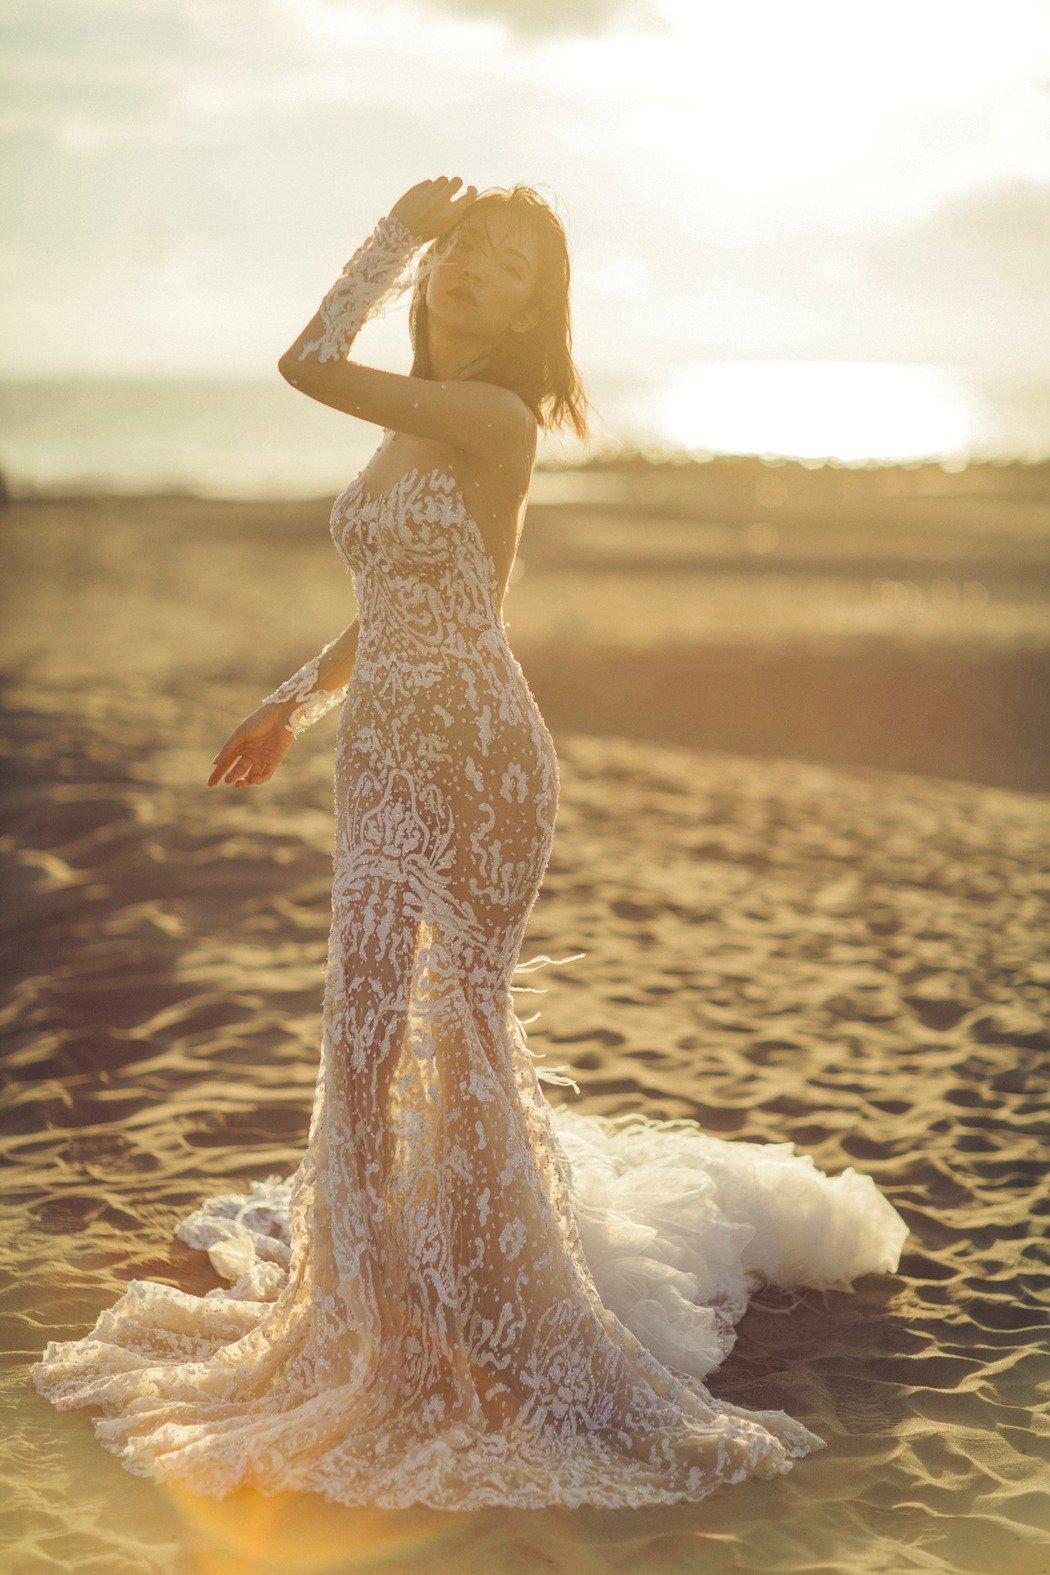 高雋雅性感透視禮服,將好身材表露一覽無遺。(雞與花環照相館提供)